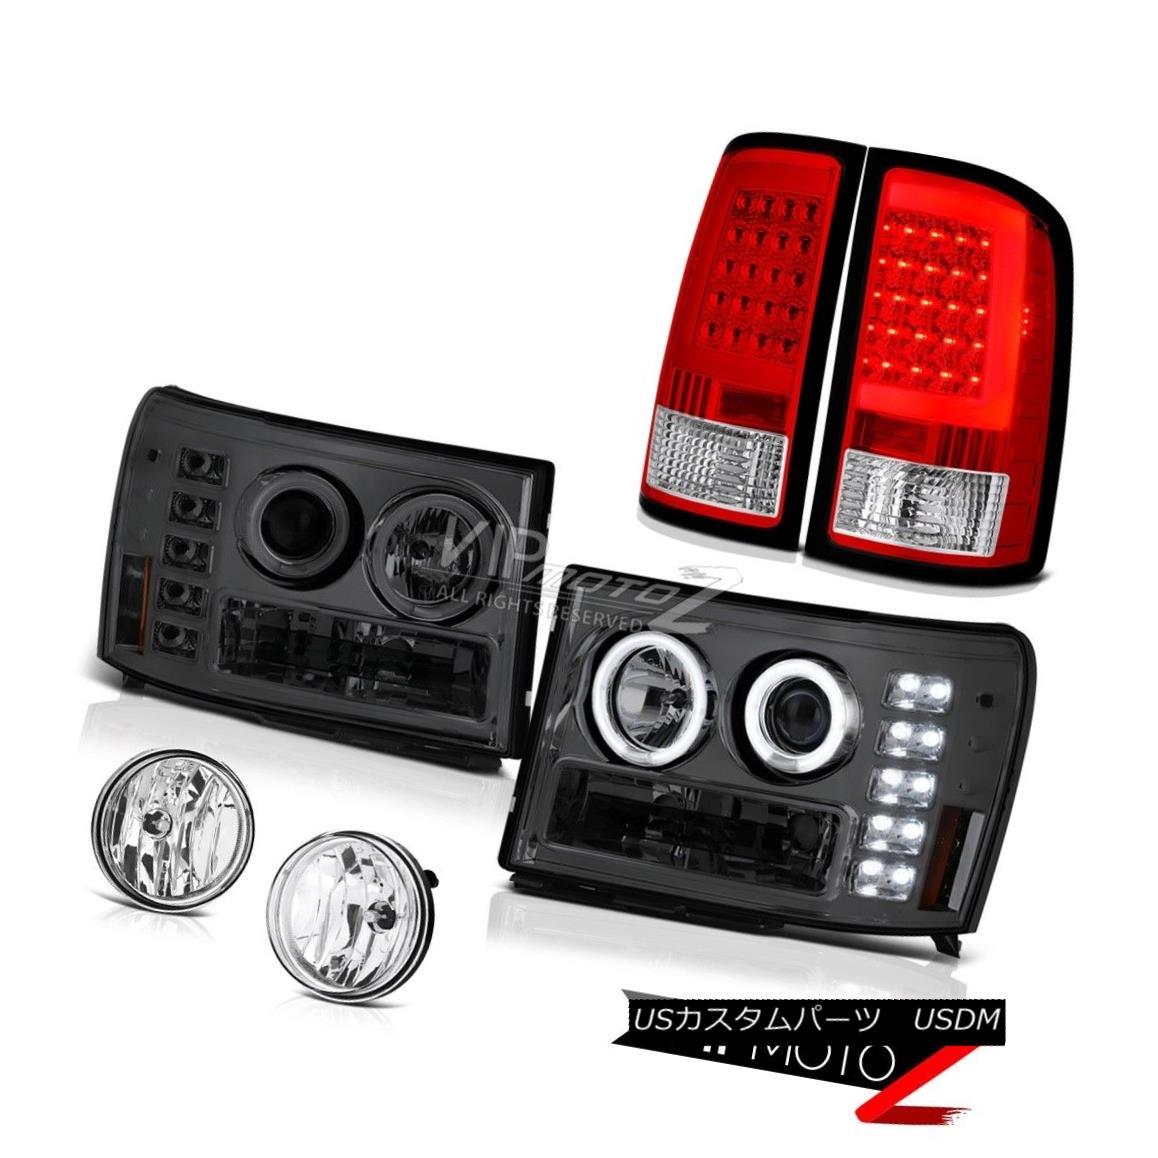 ヘッドライト 07-13 Gmc Sierra 1500 XFE Red Tail Brake Lights Chrome Fog Headlights Tron Tube 07-13 Gmc Sierra 1500 XFEレッドテールブレーキライトクロームフォグヘッドライトトロンチューブ